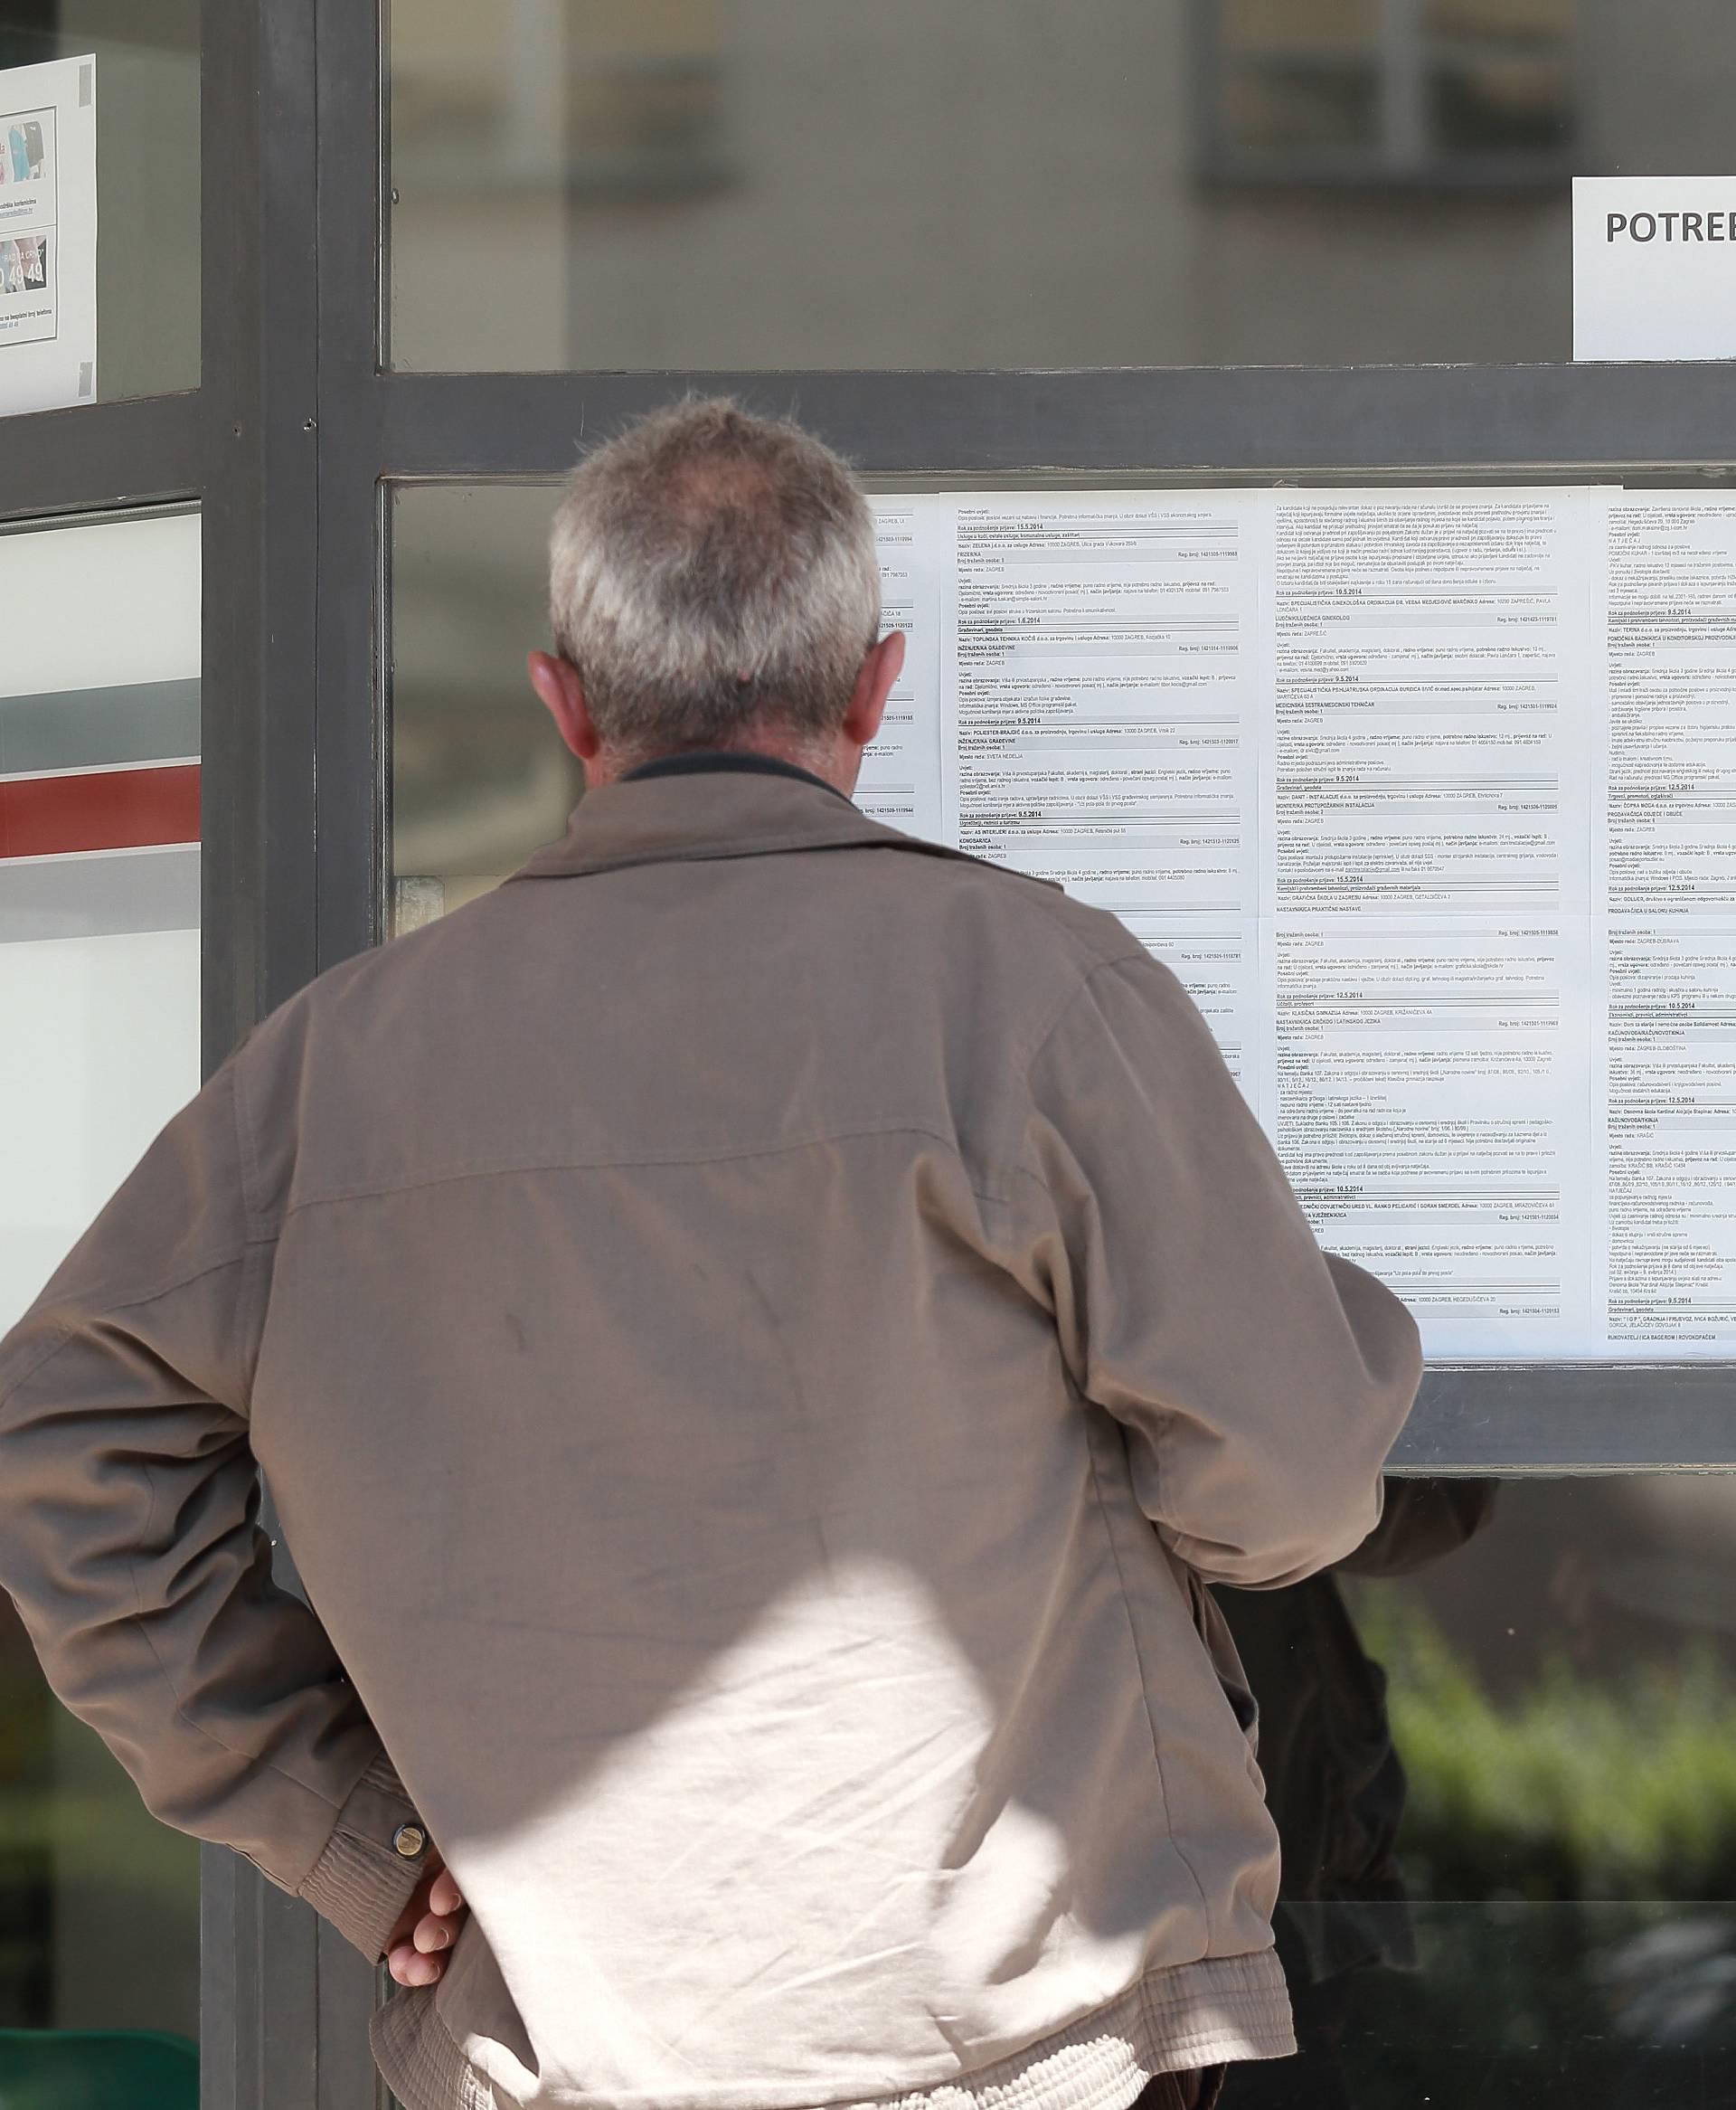 Svaki četvrti radnik boji se da će zbog krize ostati bez posla